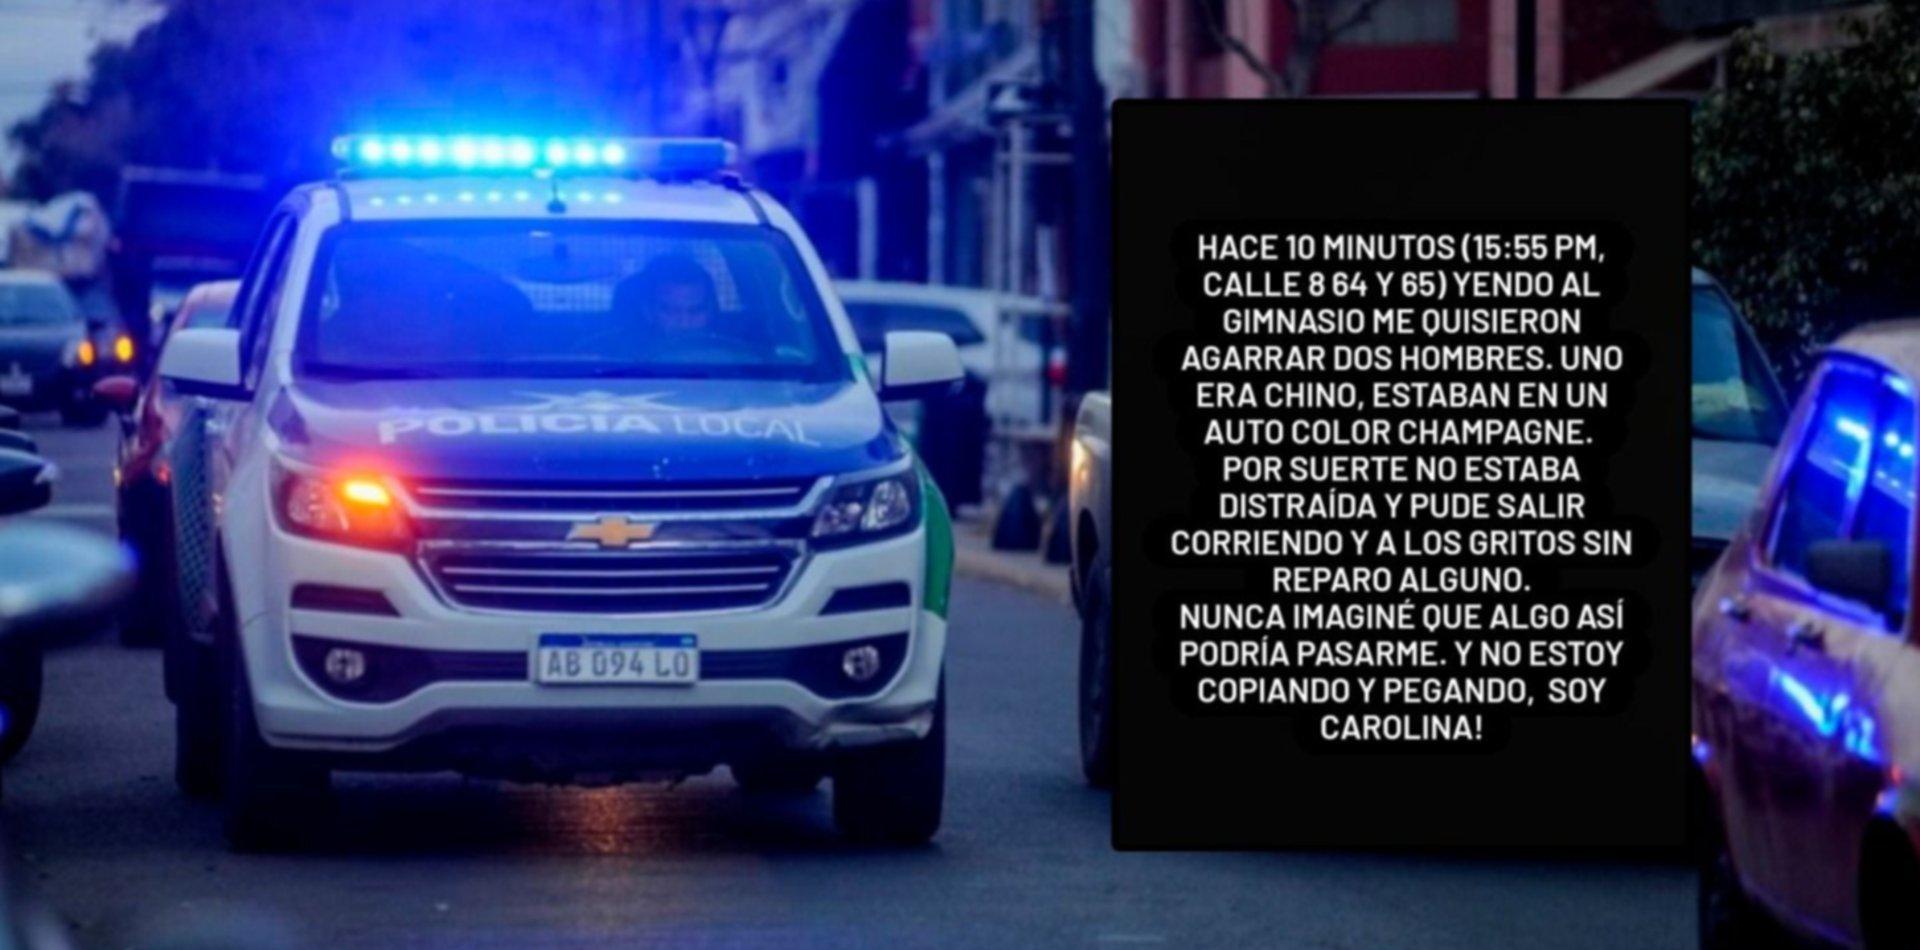 Preocupación en La Plata: una chica denunció que quisieron raptarla camino al gimnasio